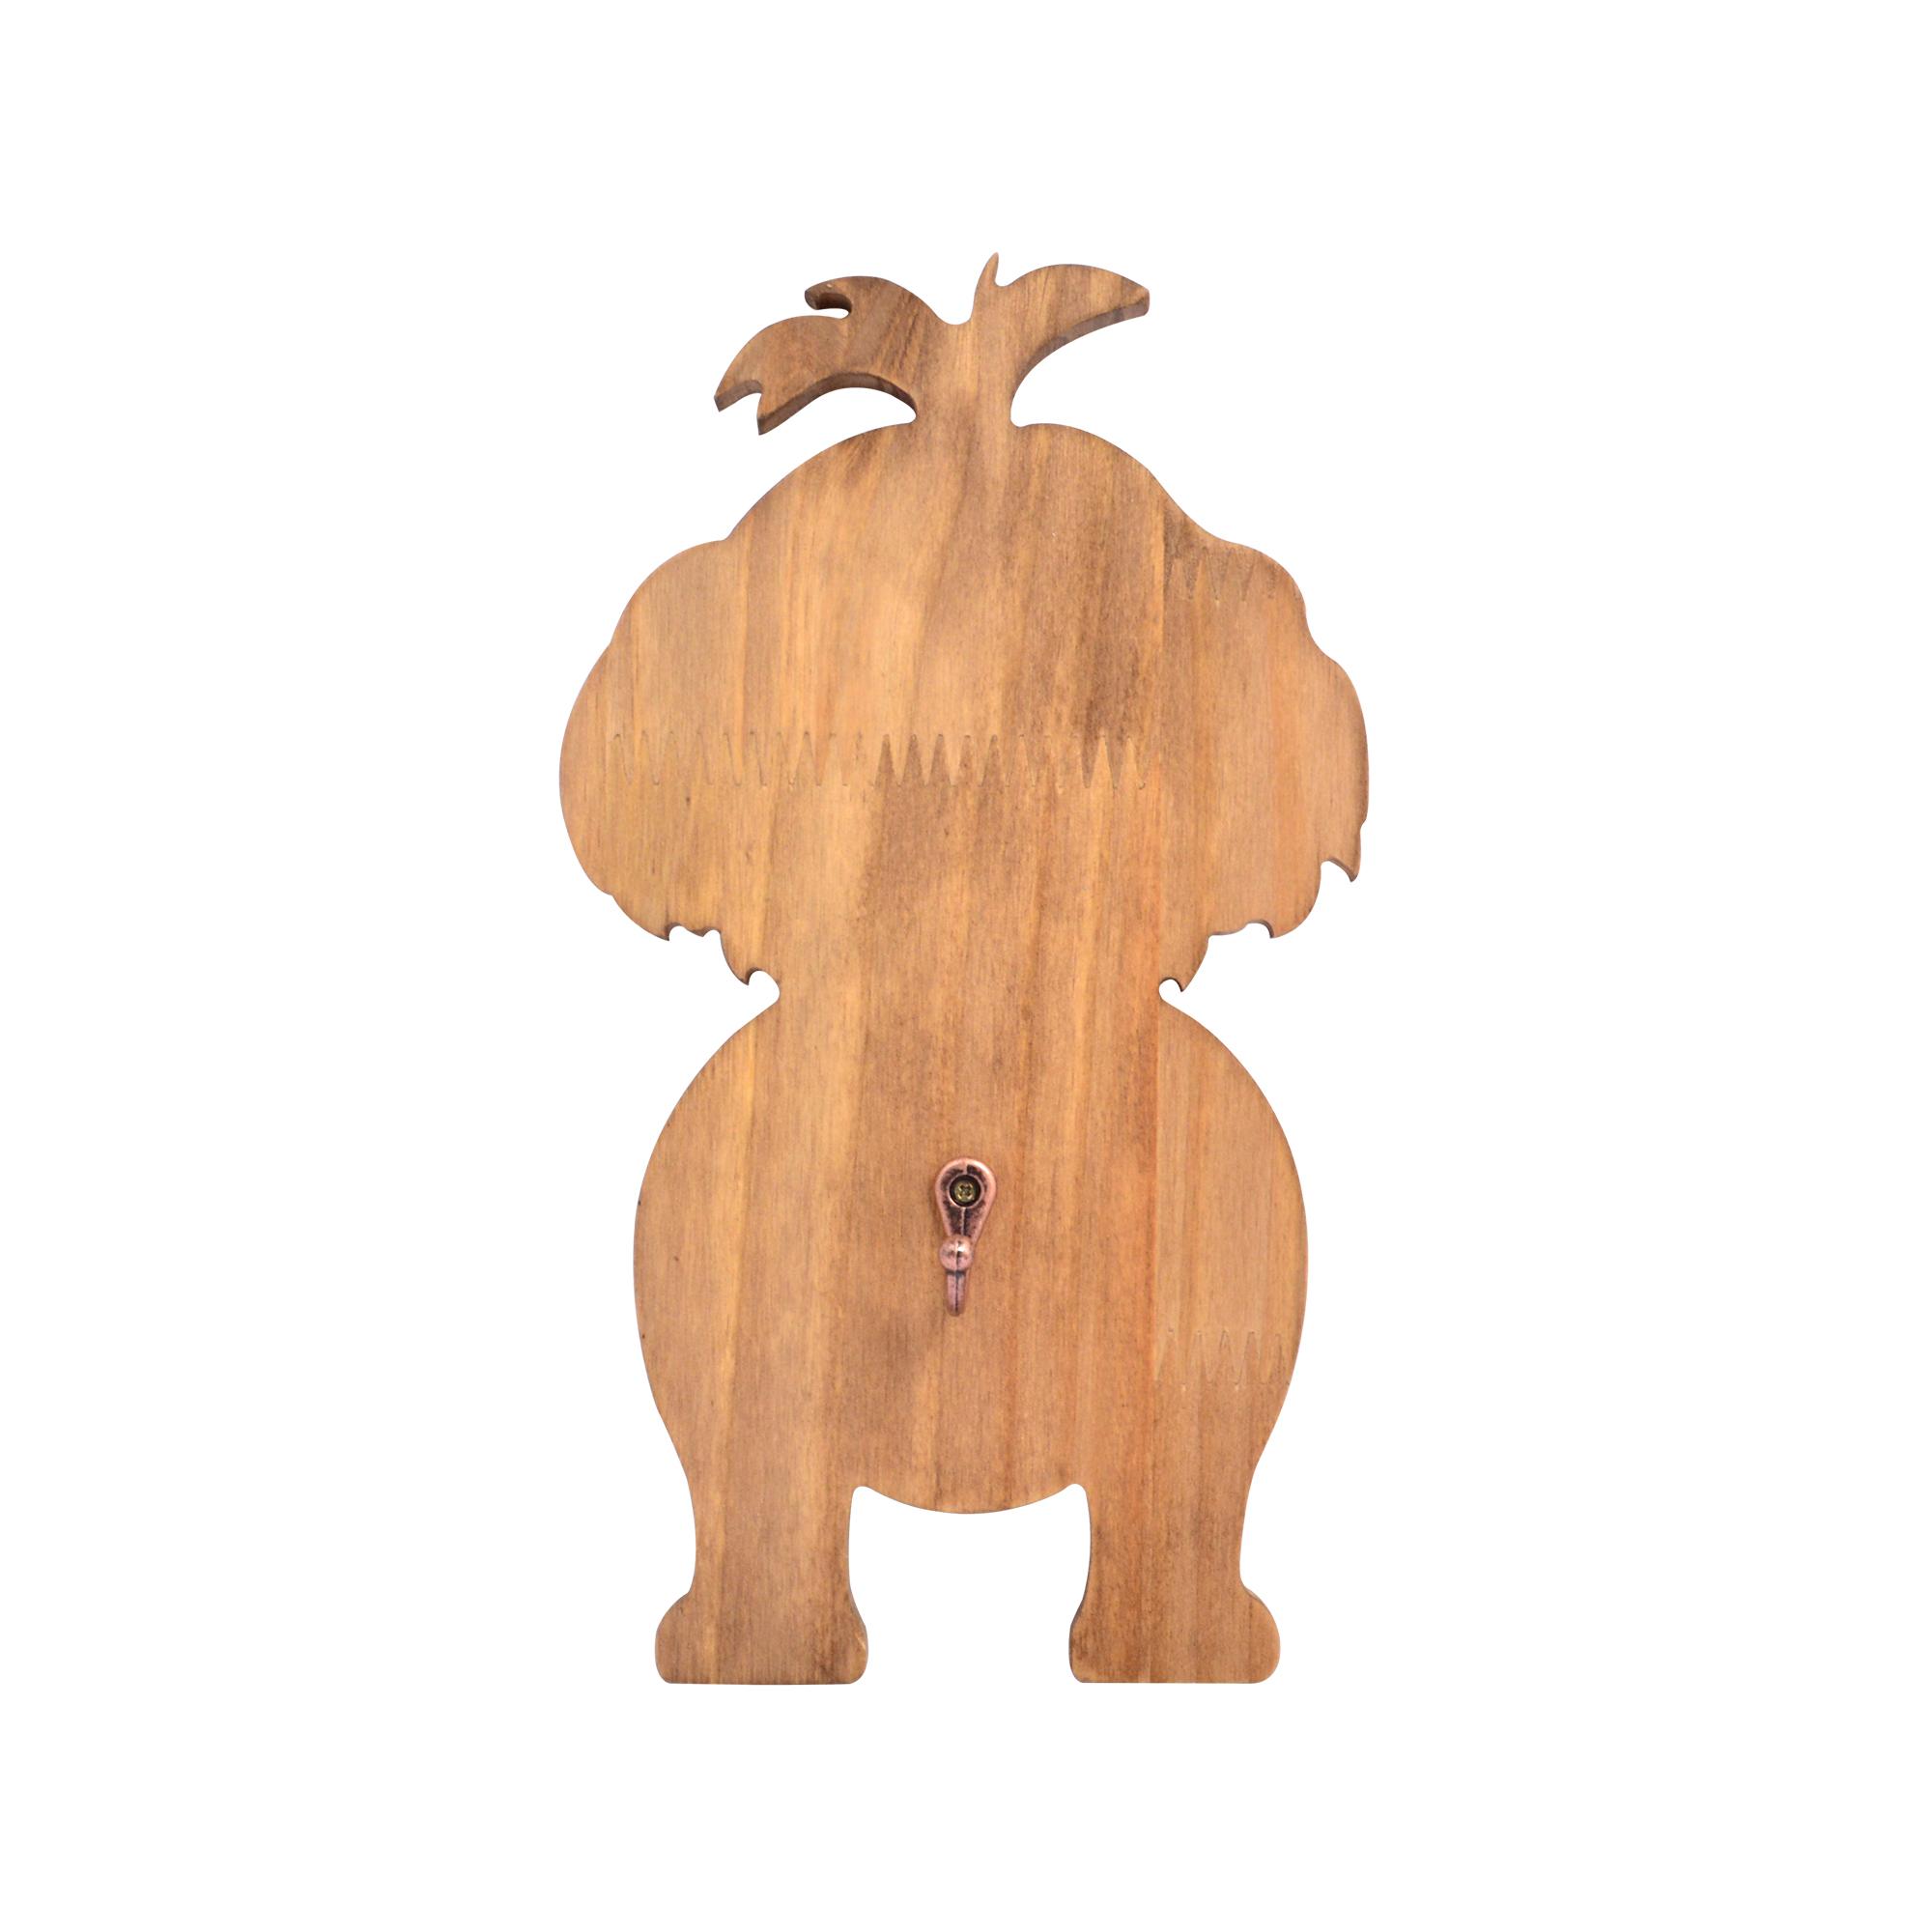 Pendurador de madeira Shihtzu